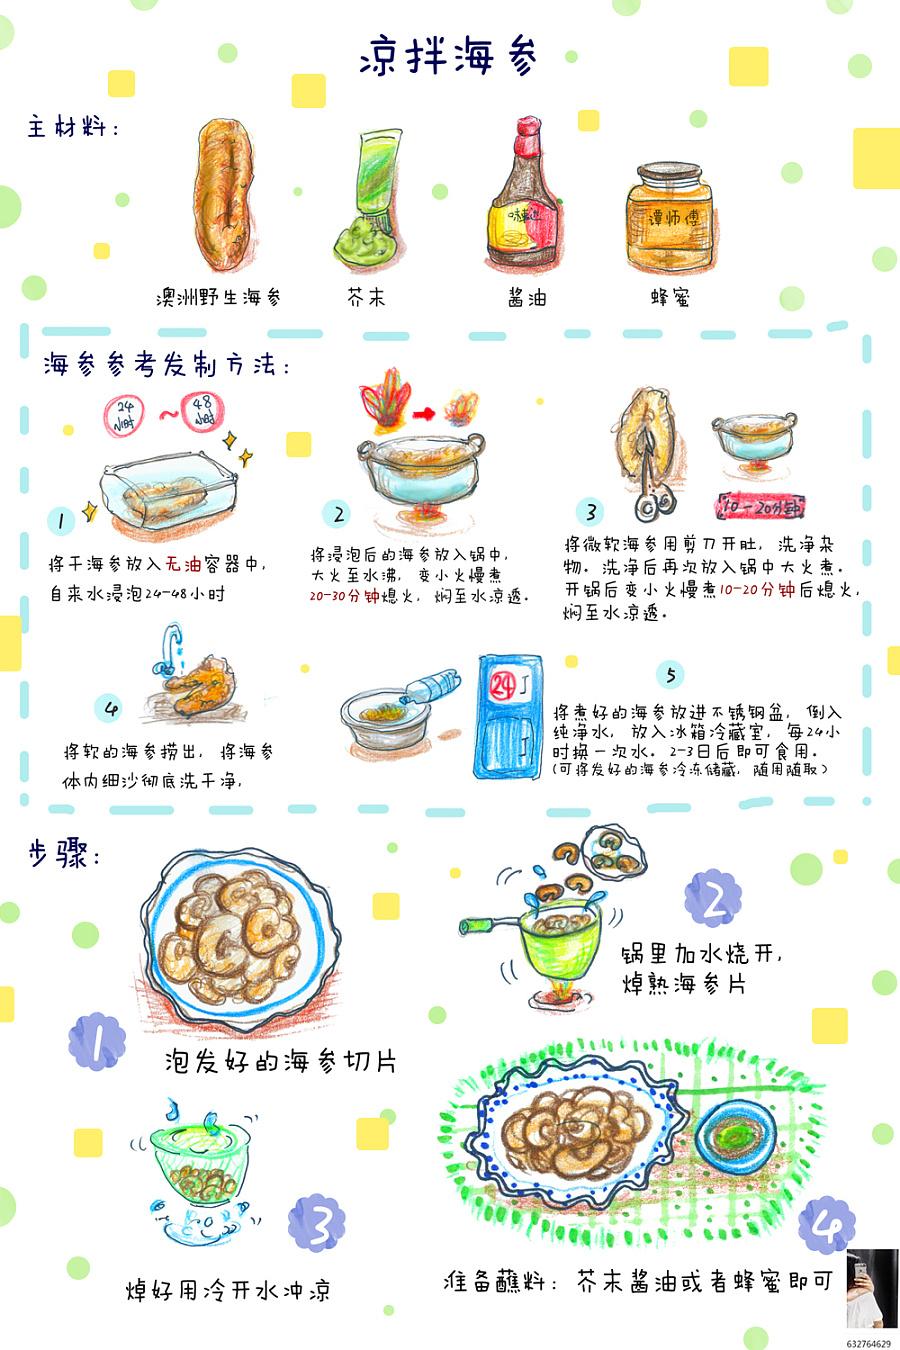 凉拌海参/手绘食谱